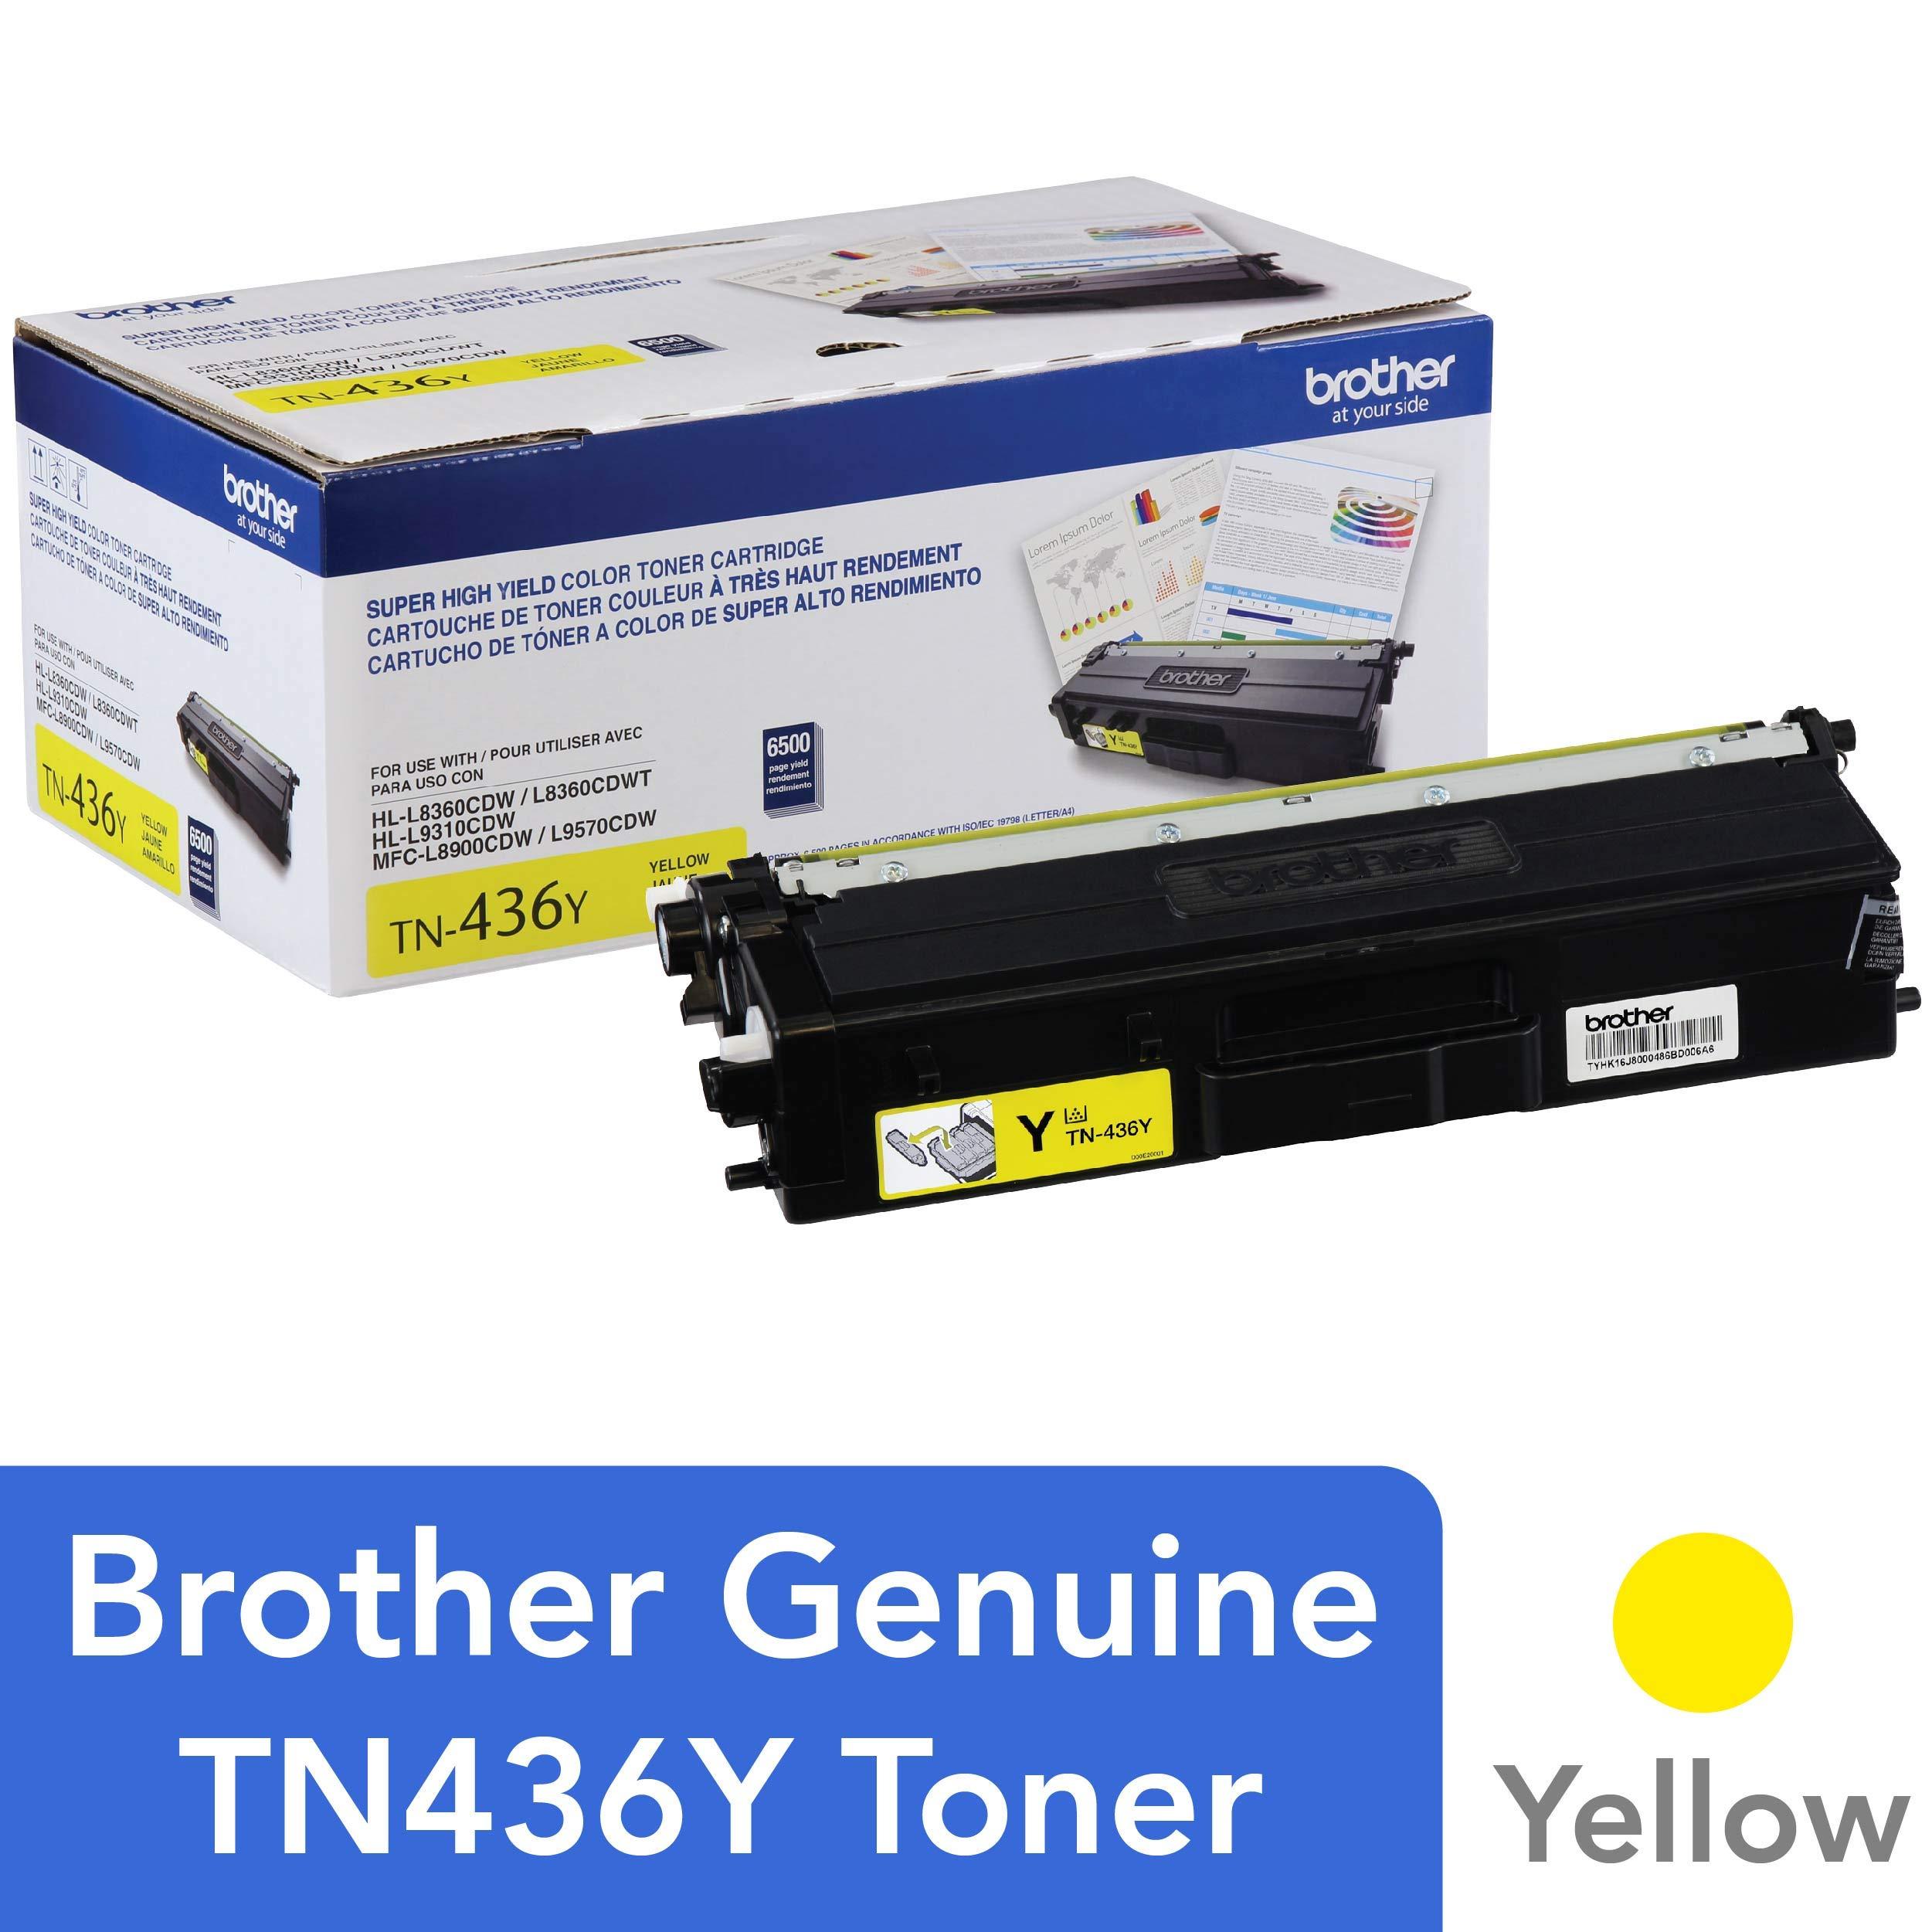 Toner Original Brother Super Alta Capacidad Tn436y Yellow Hasta 6,500 Paginas Tn436